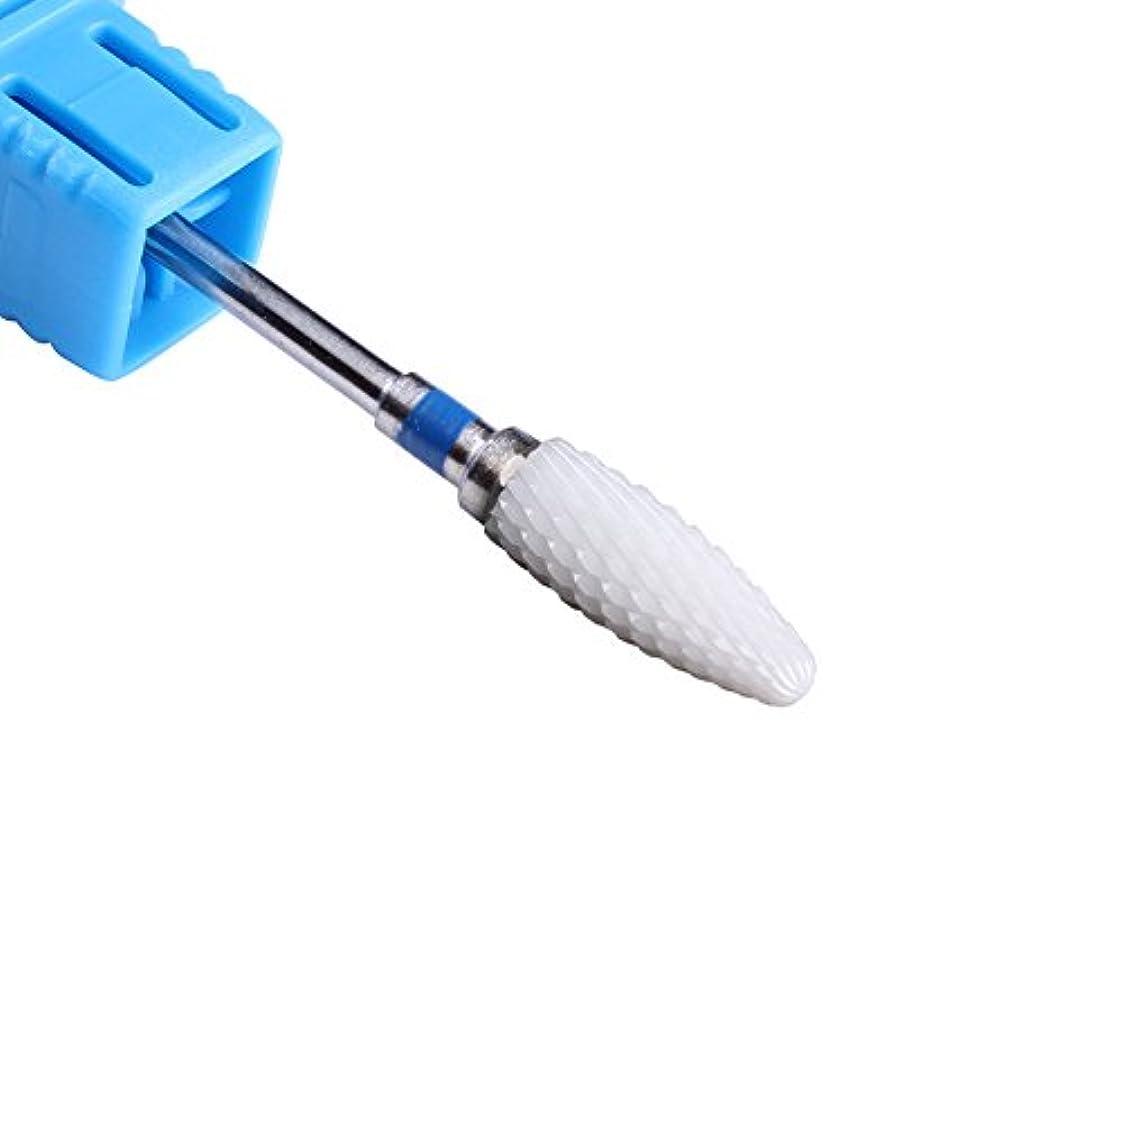 戦士手を差し伸べる奪うミディアム陶磁器ネイルドリルビット, 電気ドリルビット, アクリル UVゲル 除去ツール